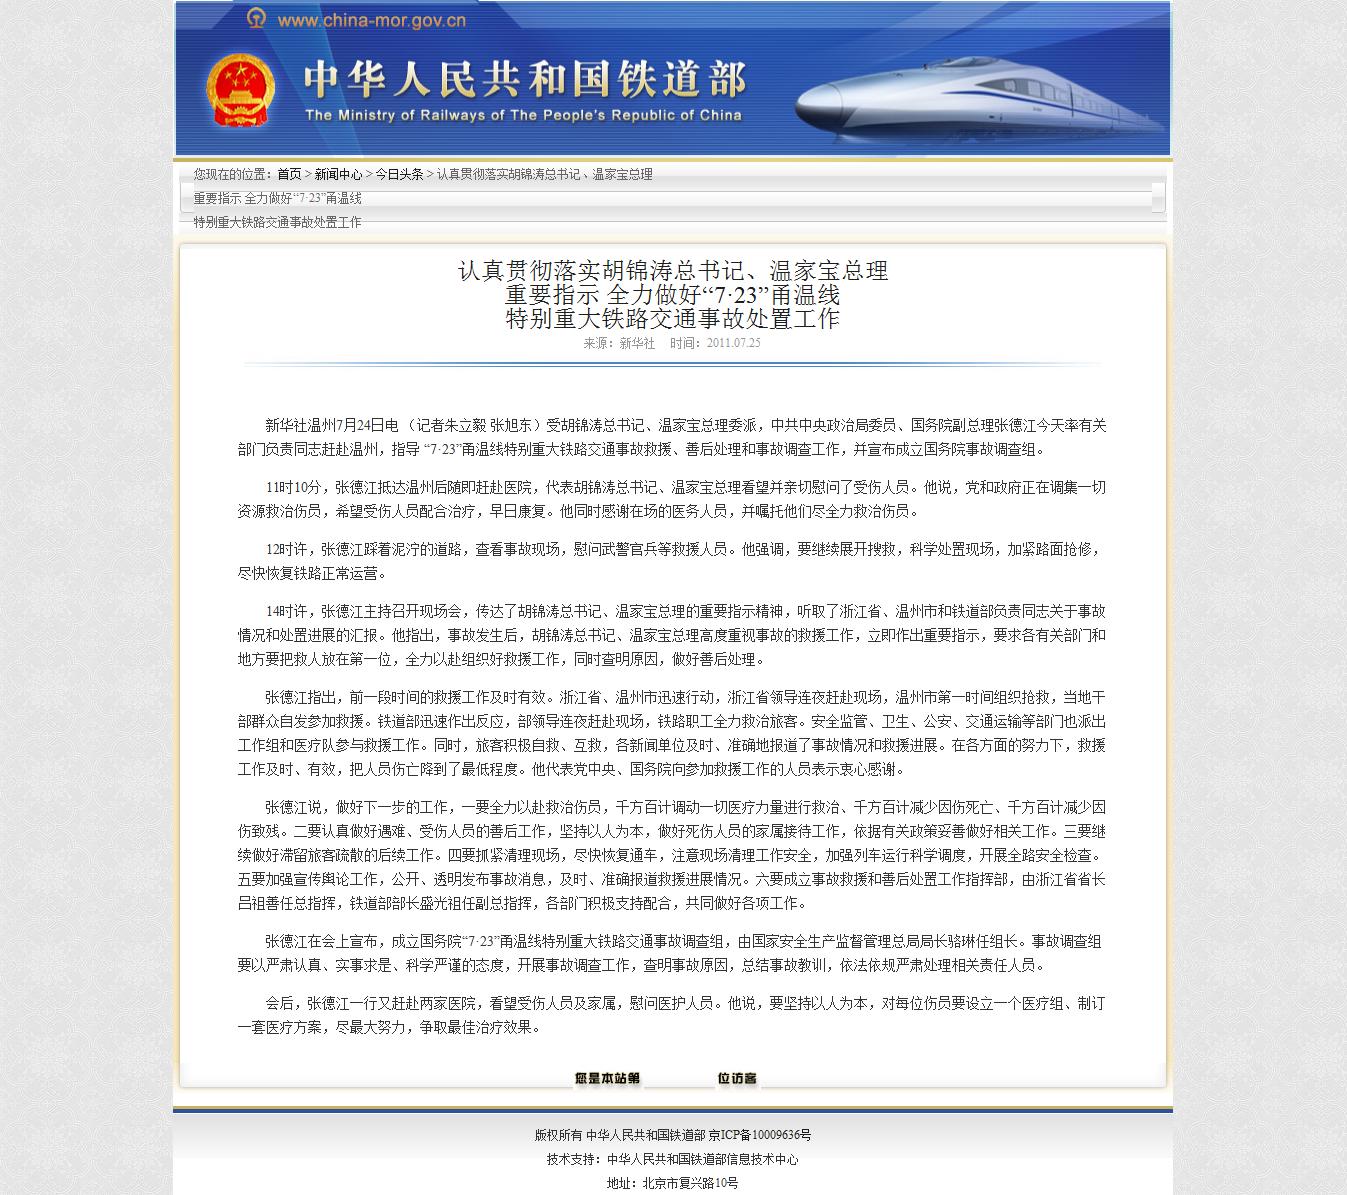 铁道部自我表扬1 温州动车事故之官方新闻集锦